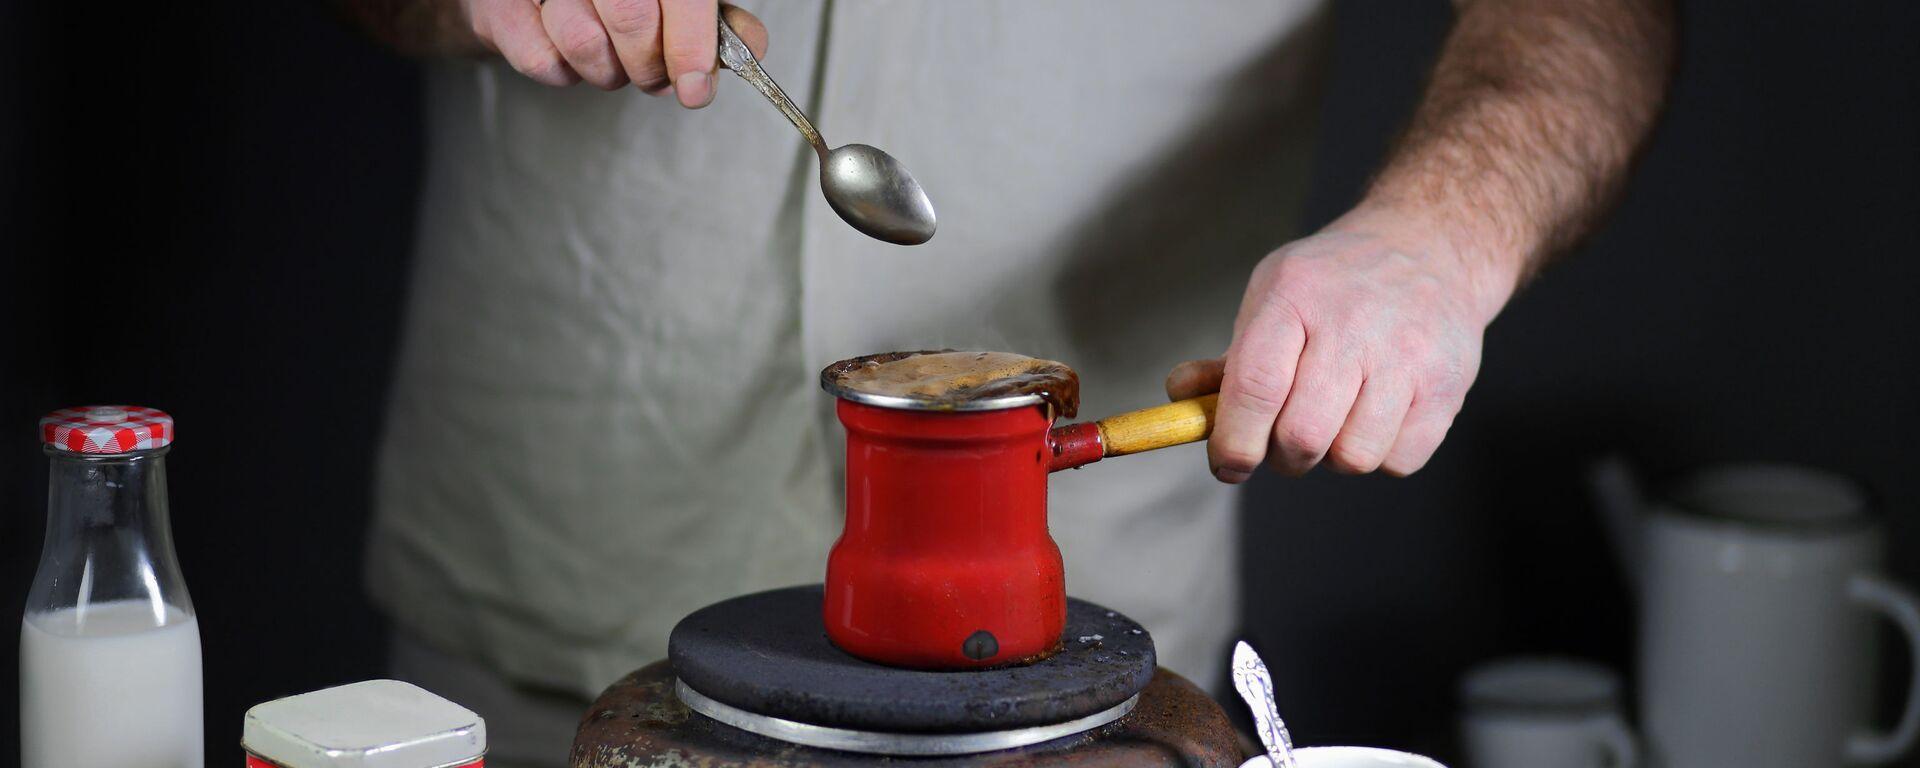 Příprava kávy v džezvu na elektrickém sporáku - Sputnik Česká republika, 1920, 01.06.2021